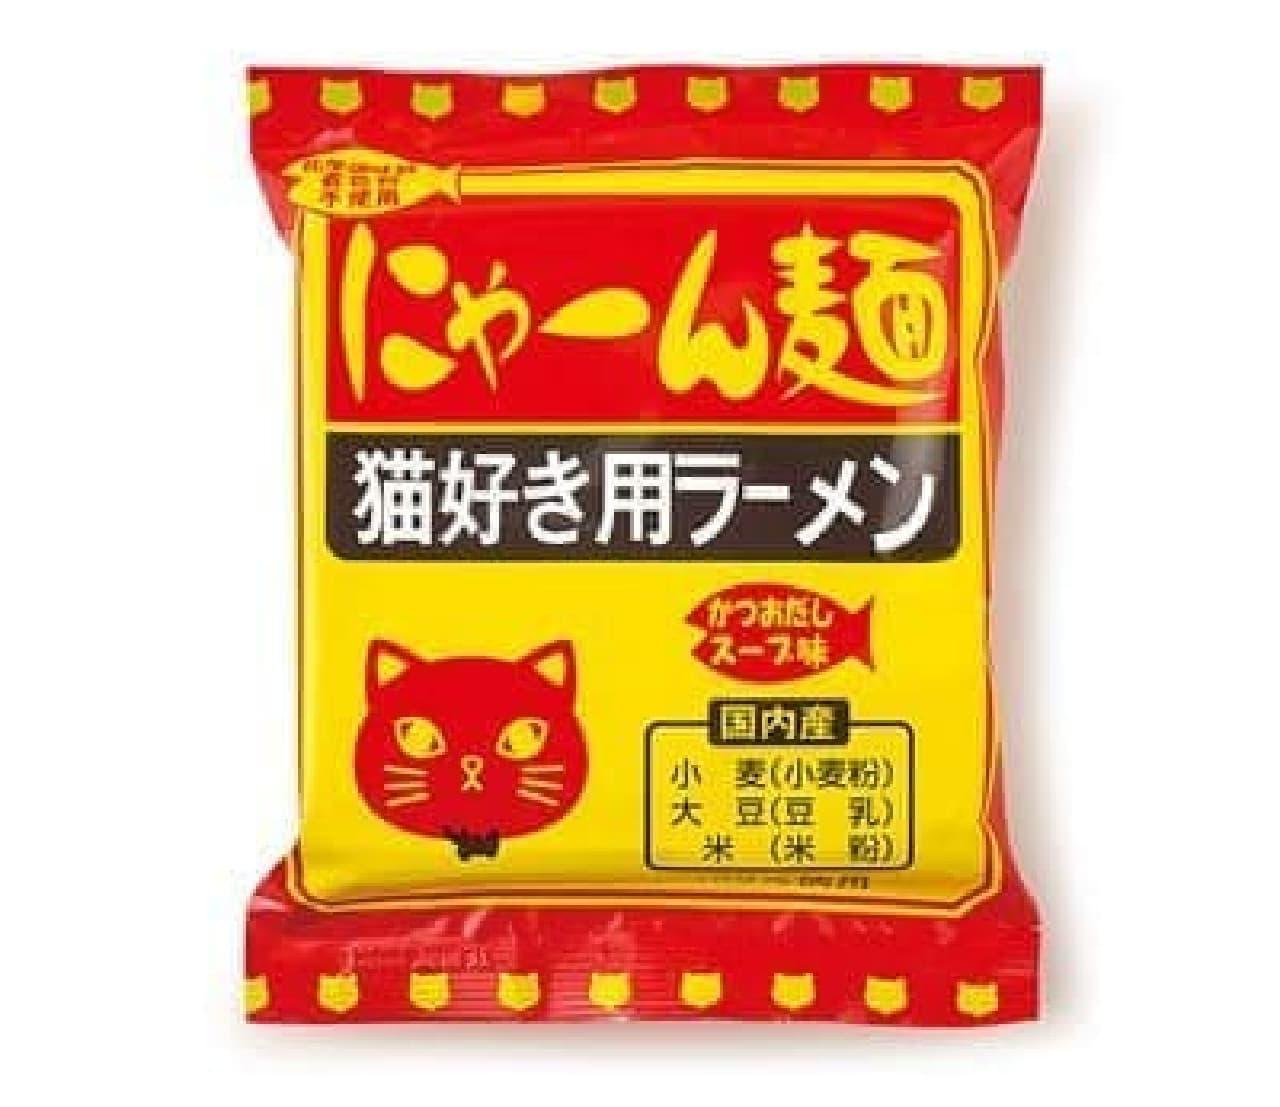 東京ソラマチ店限定商品:「猫好き専用ラーメン にゃーん麺」